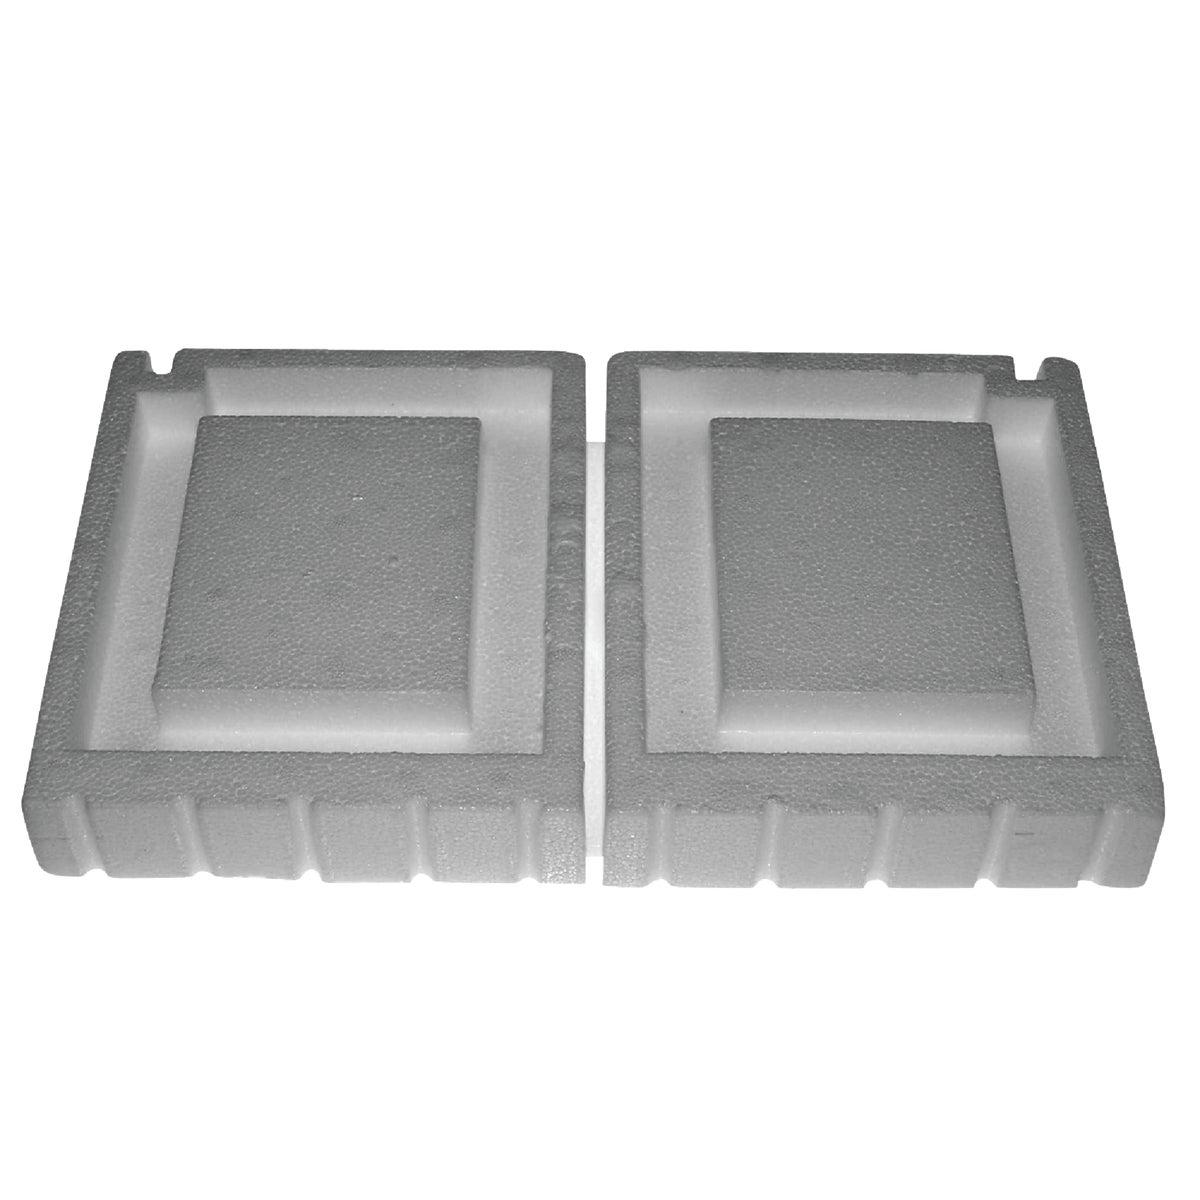 Ventilation Foam Plug